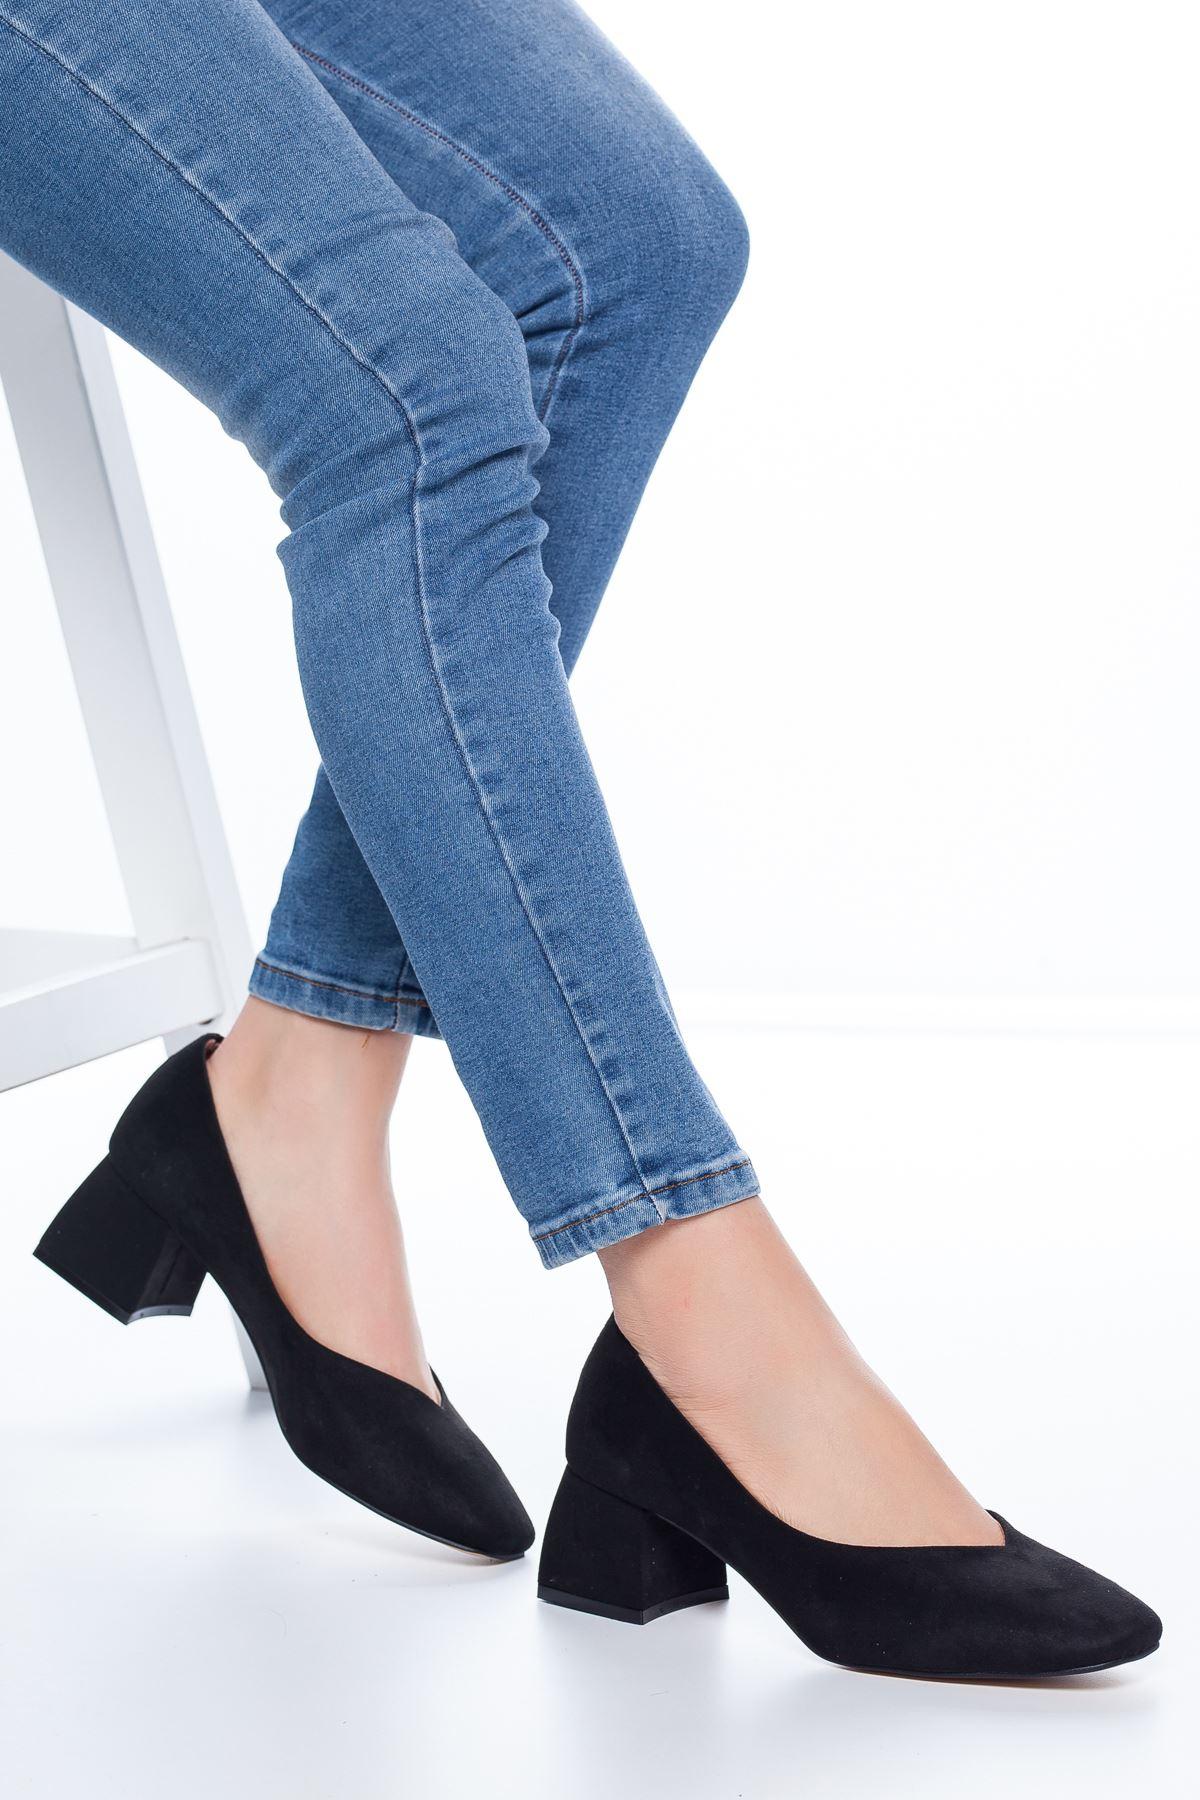 Adela Küt Burun Topuklu Süet Ayakkabı Siyah